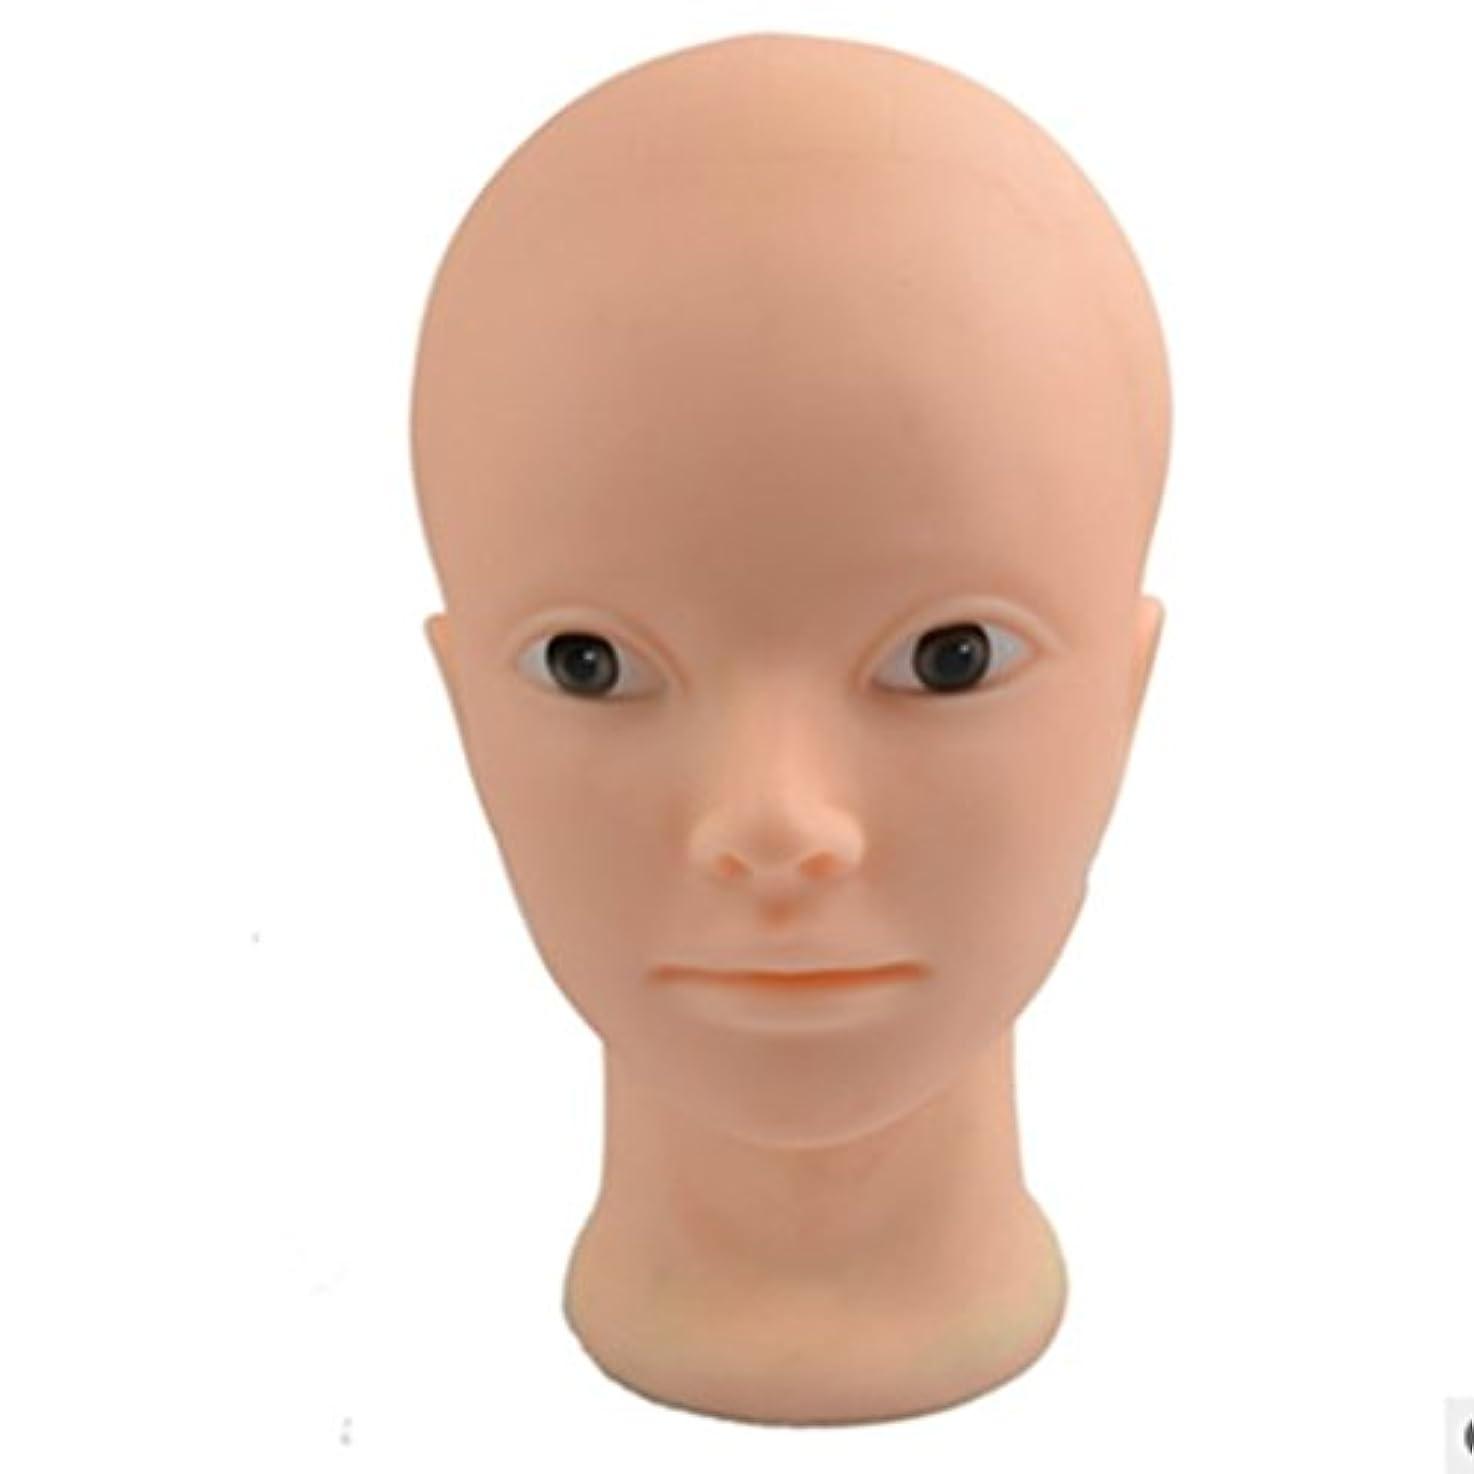 化学薬品過剰取り壊す25センチウィッグヘッド金型、ポリ塩化ビニールのプラスチック製の人形の鍼療法の練習はげとメガネスカーフモデルウィッグヘッド ヘアケア (色 : ホワイト)